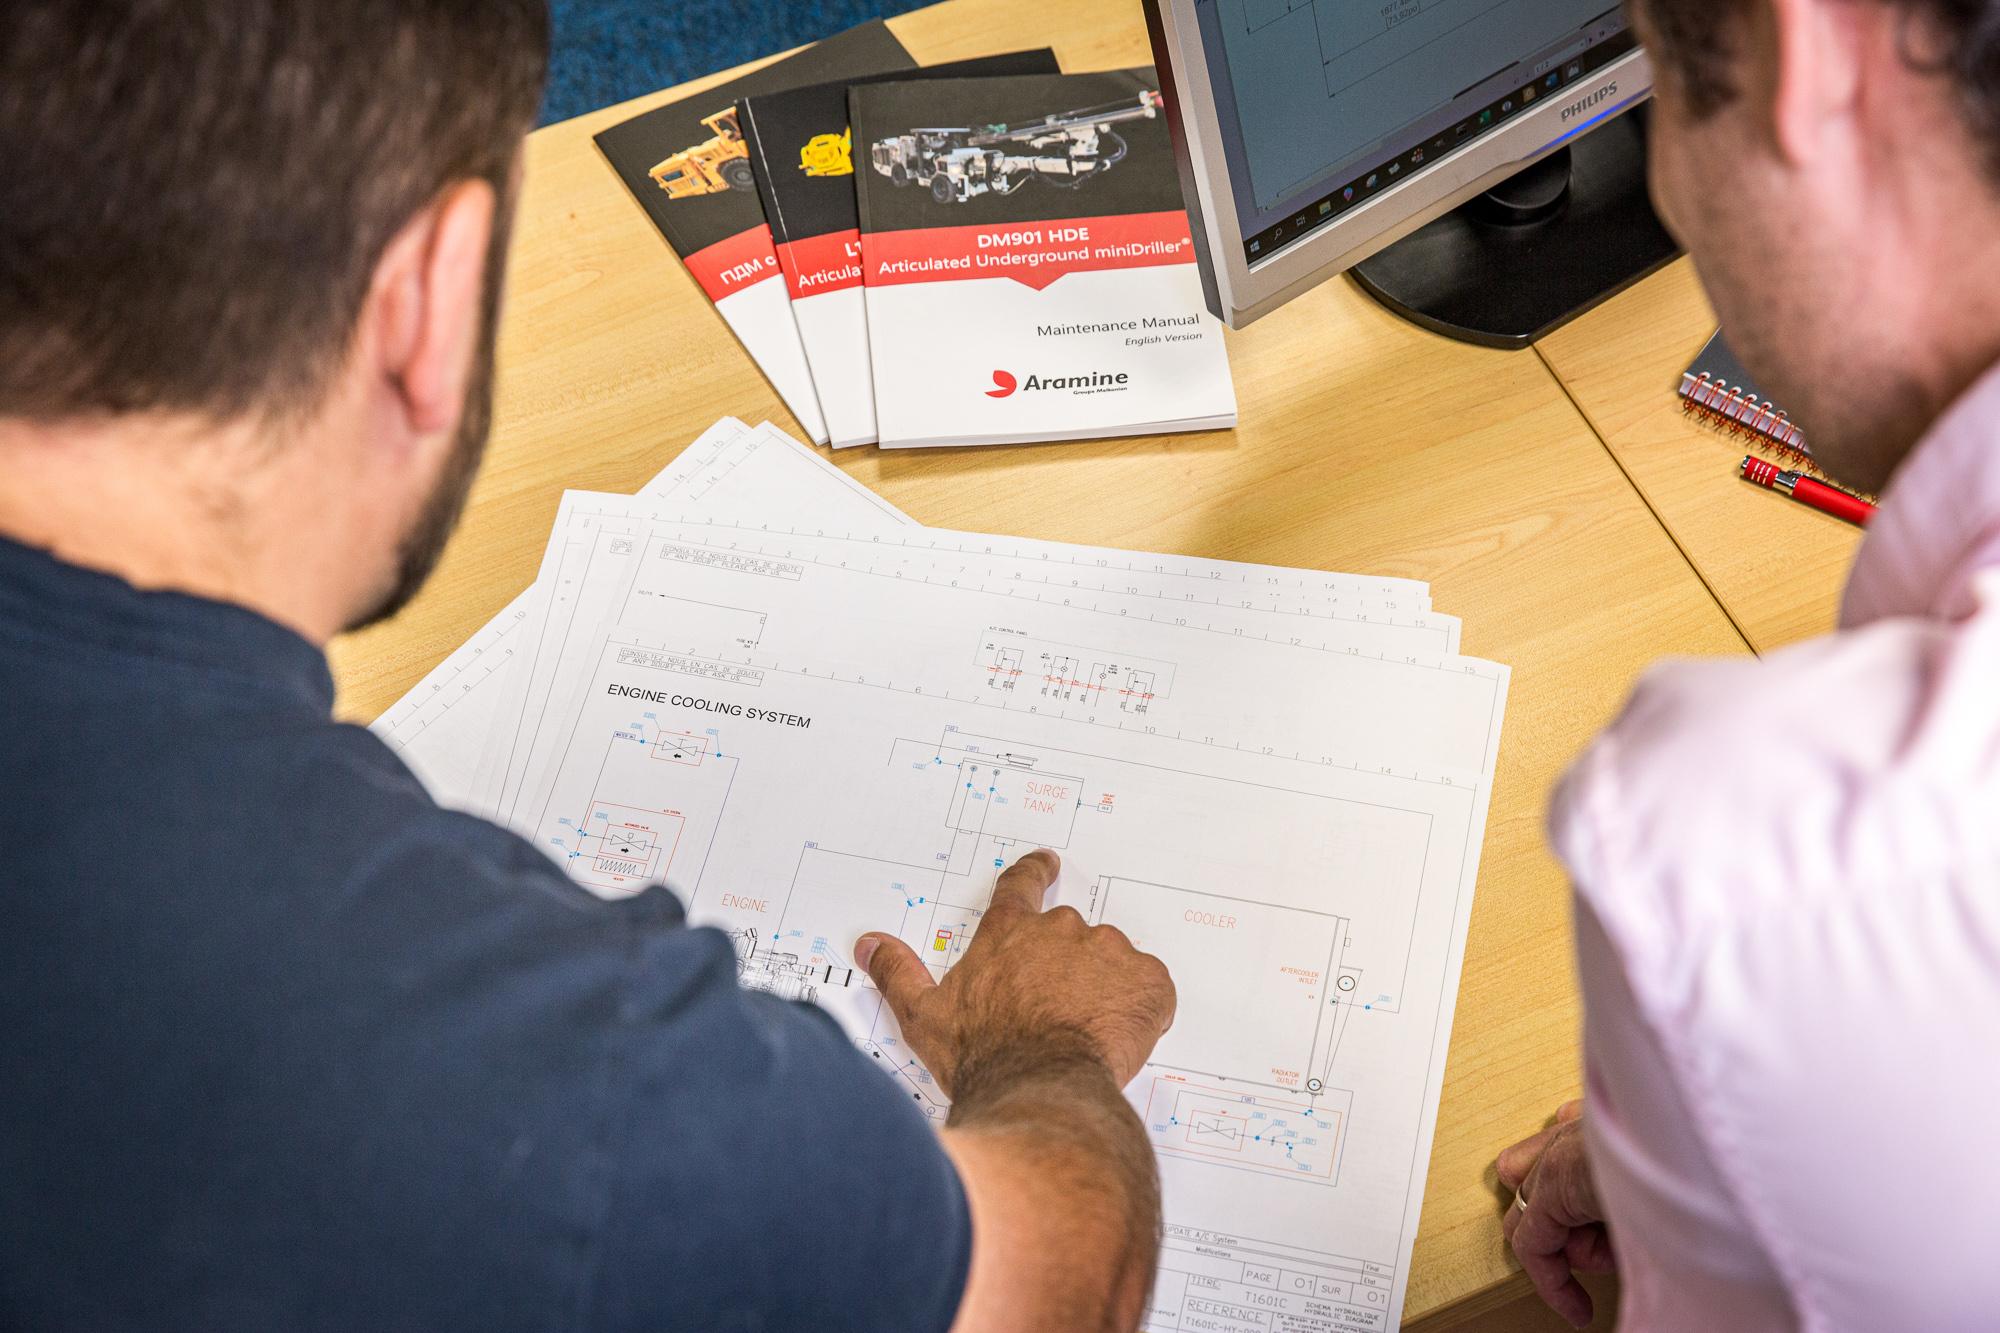 Un employé vérifie un plan avec un collègue